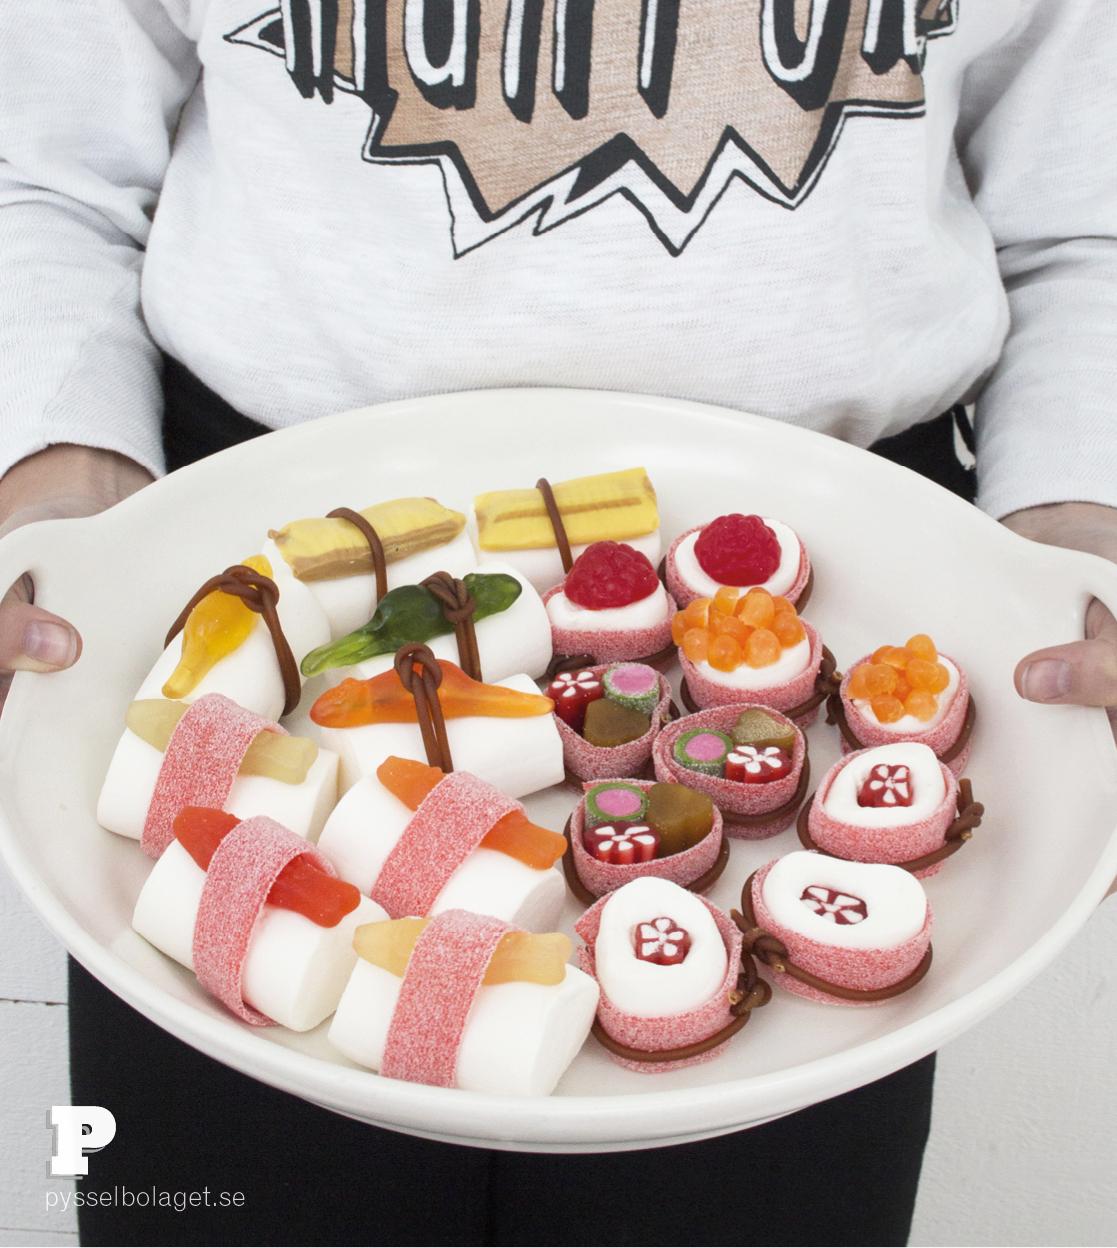 Godis sushi med Pysselbolaget